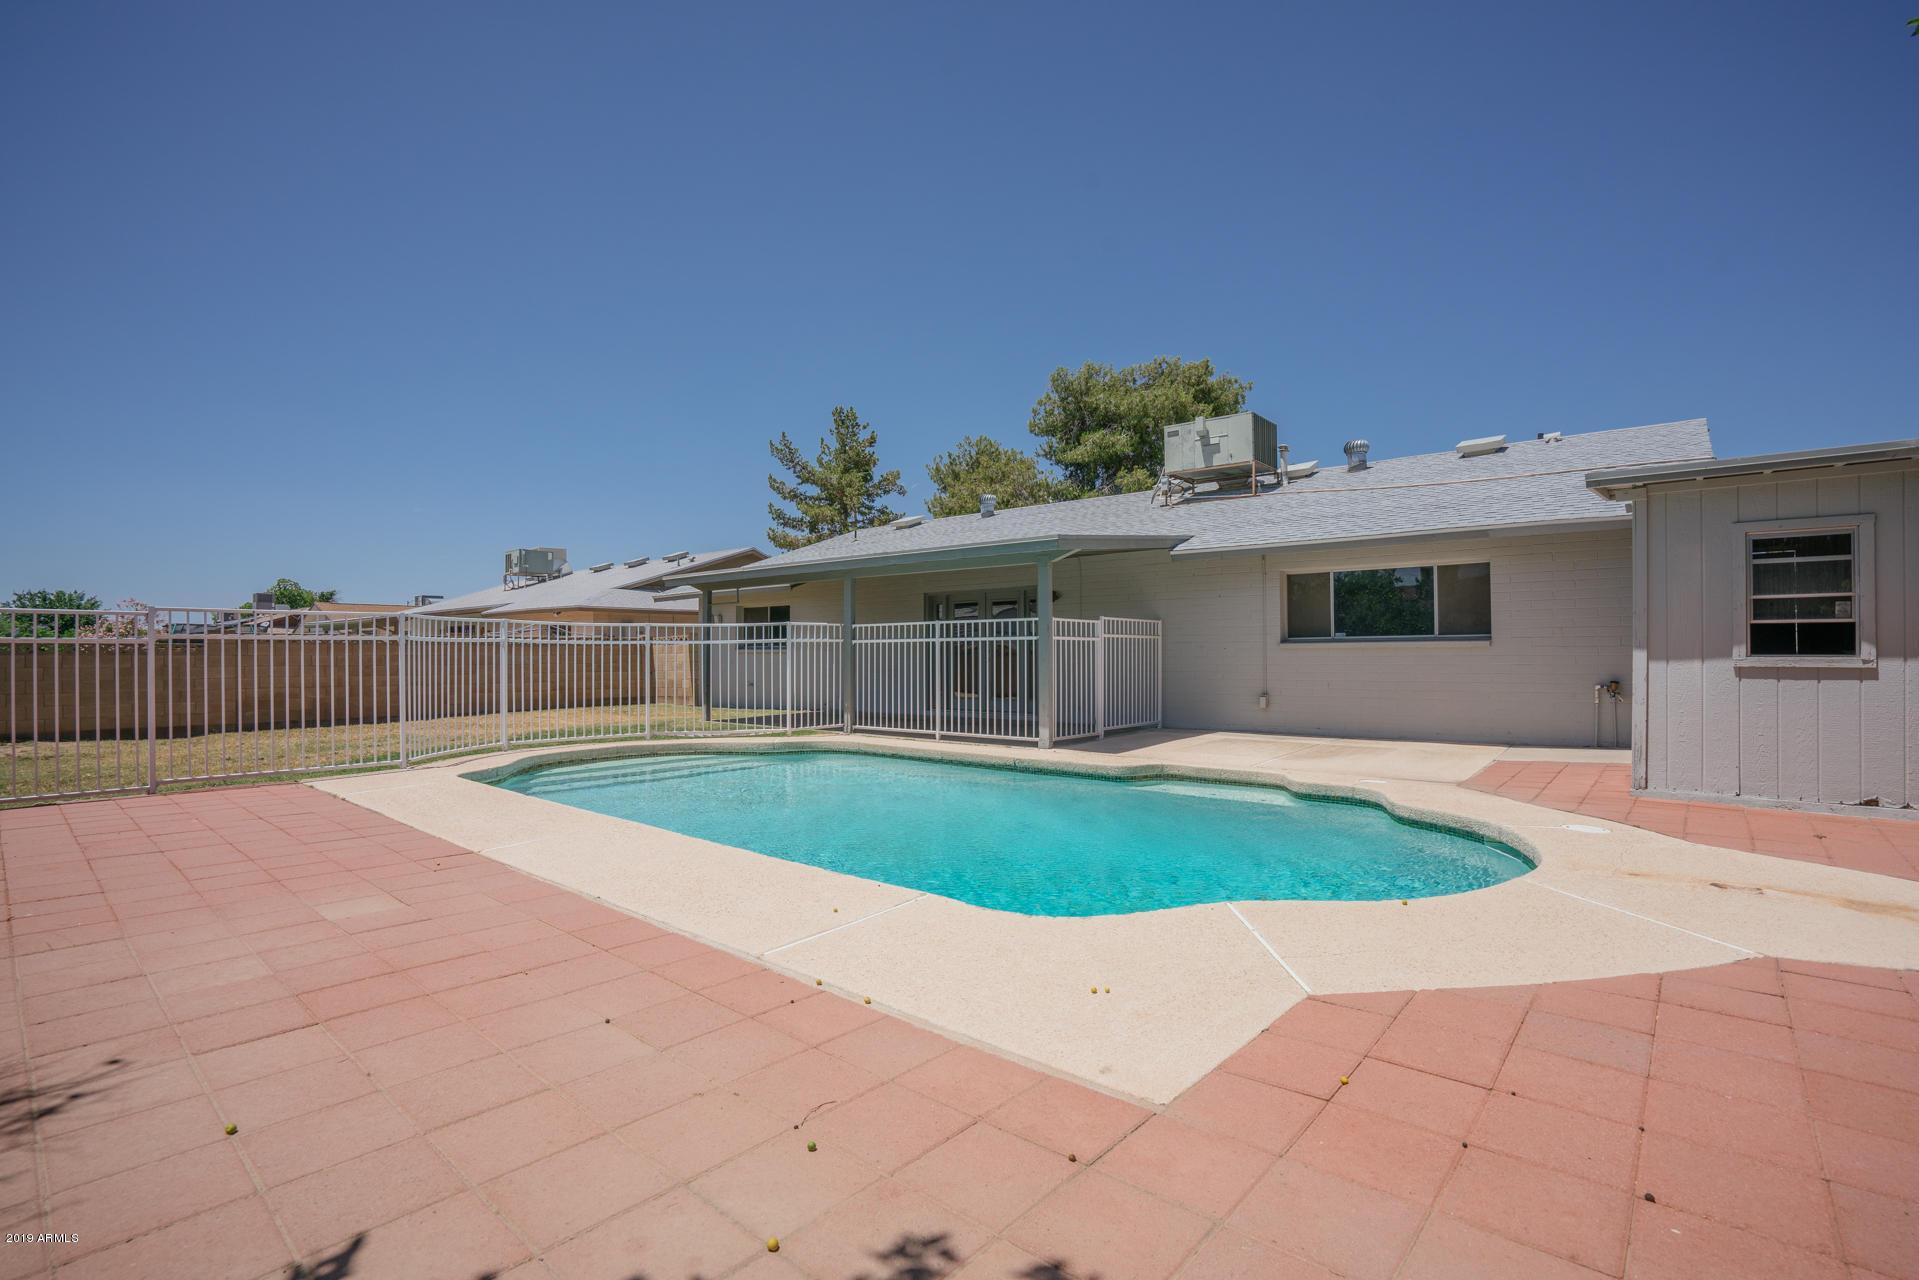 MLS 5929574 5227 W HEARN Road, Glendale, AZ 85306 Glendale AZ Deerview